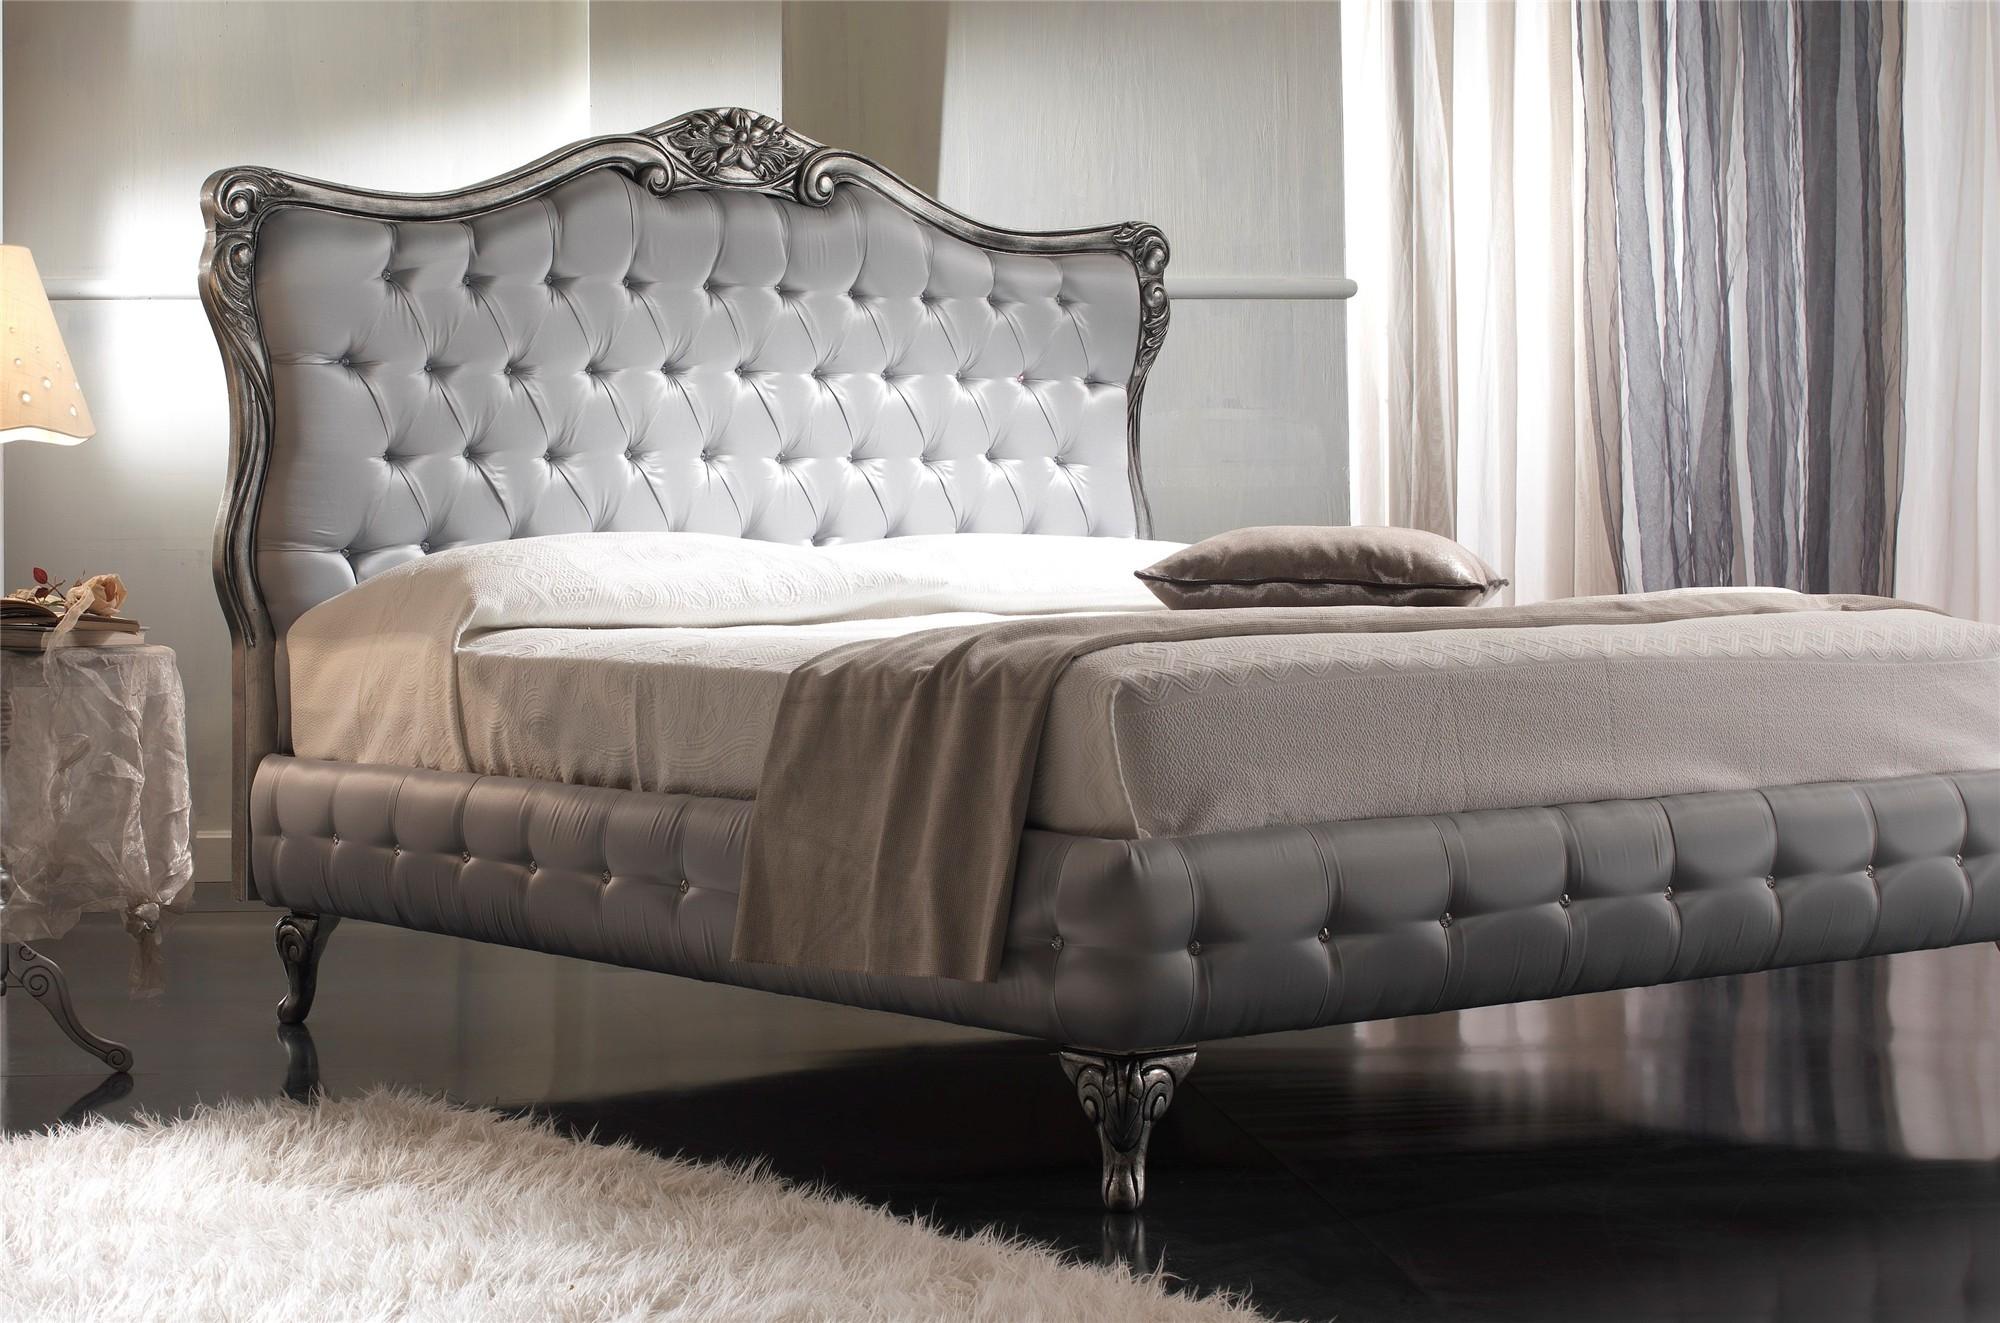 Quarrata Clara Italian Luxury Classic Bed With Crystals